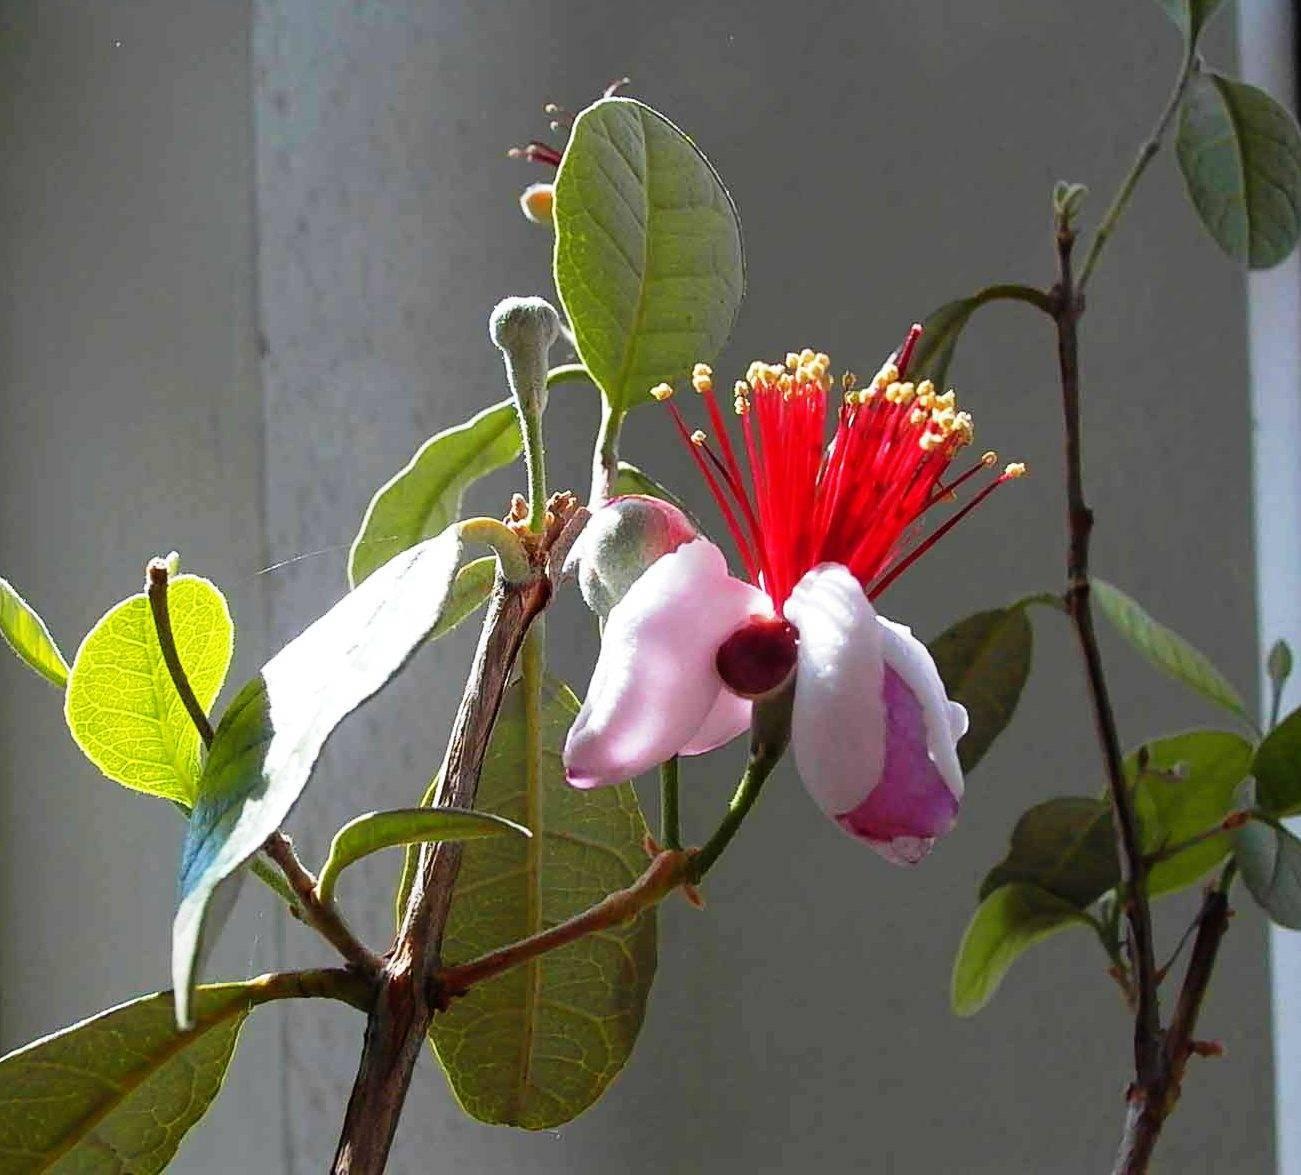 Экзотический фейхоа: выращивание в домашних условиях, в открытом грунте, как растет и цветет, размножение и фото